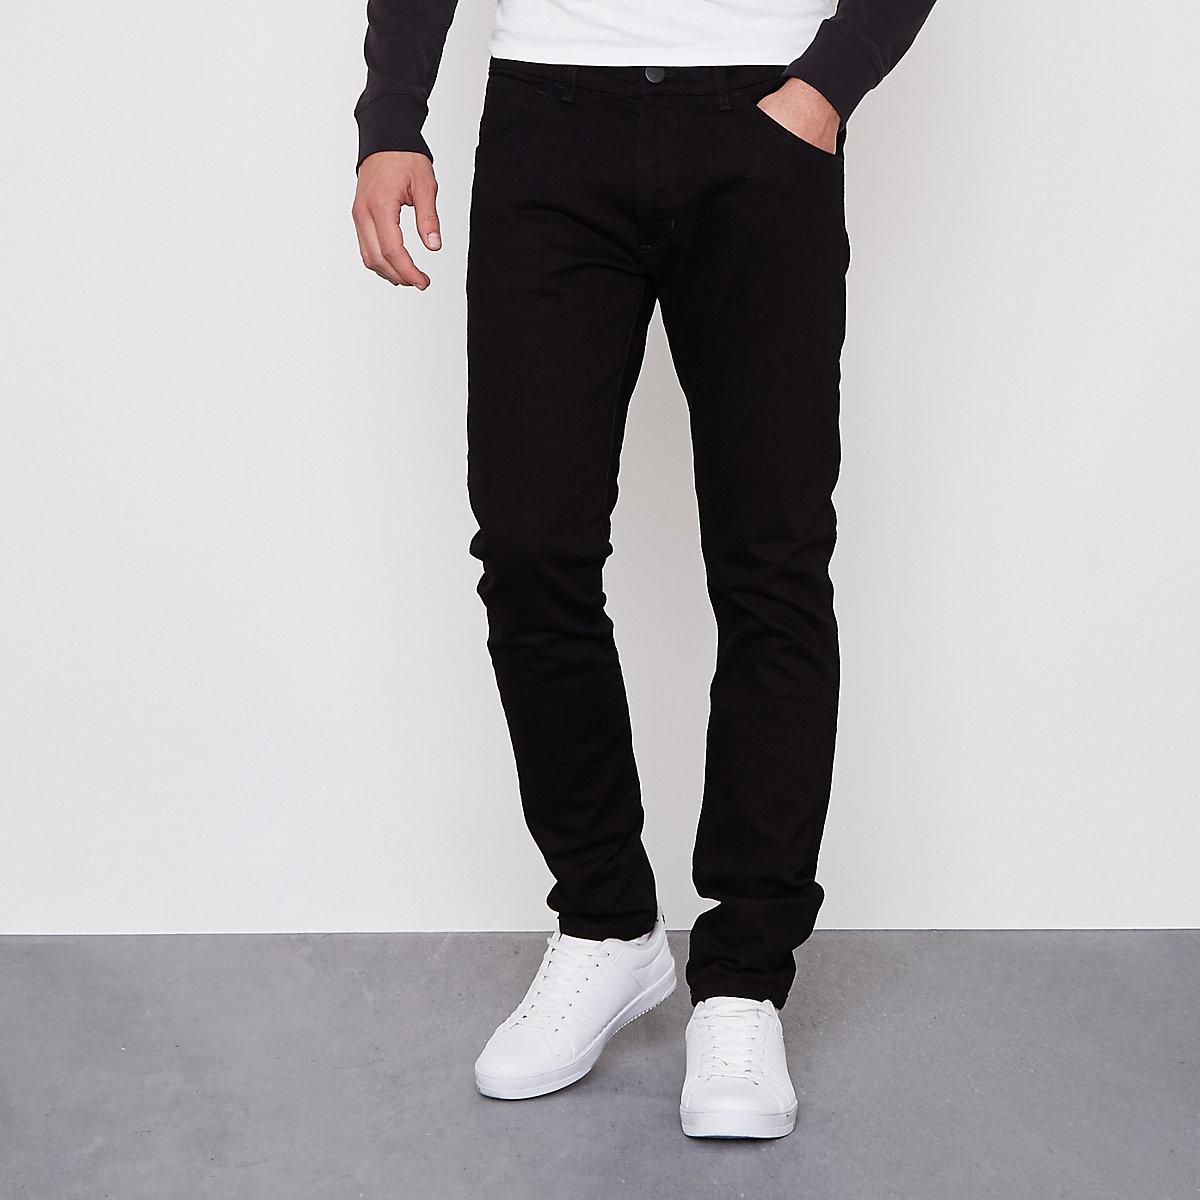 Wrangler black Bryson skinny fit jeans